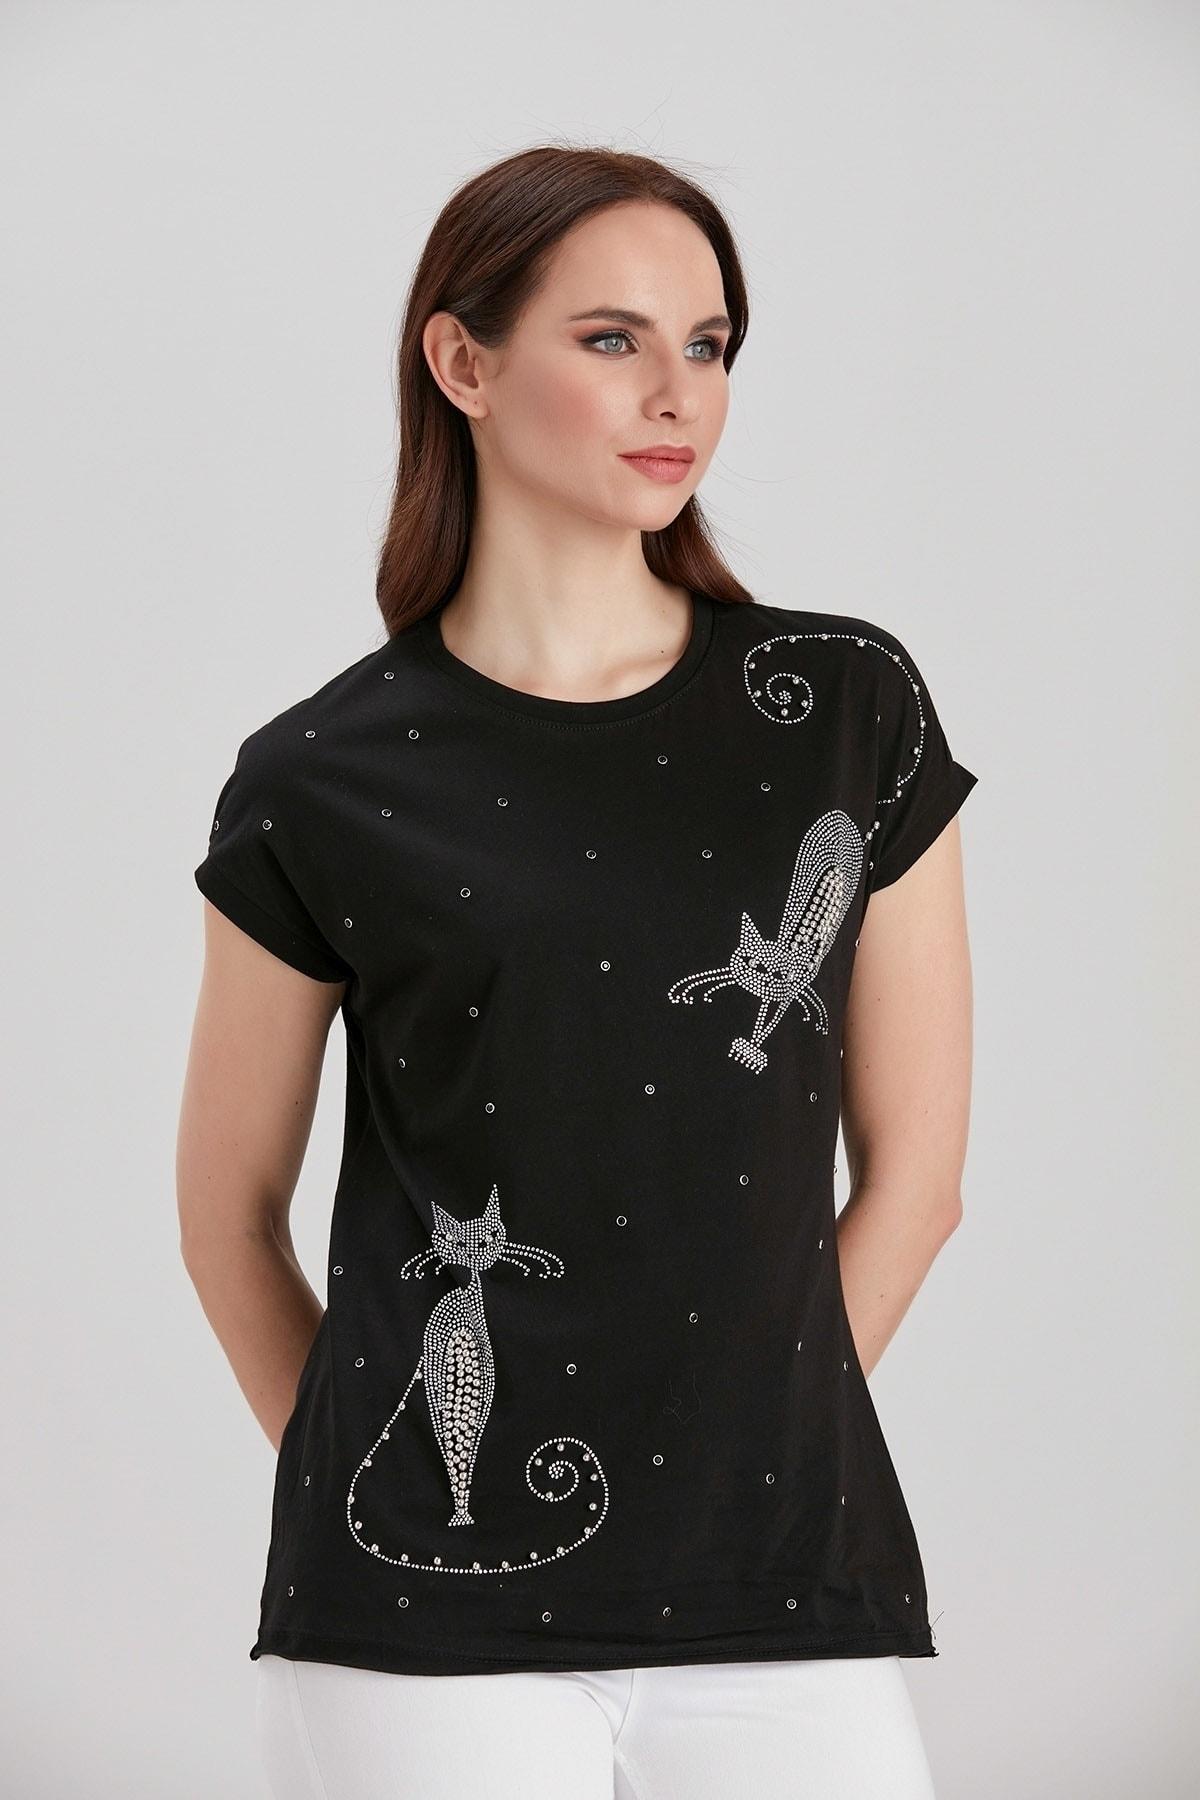 Y-London Kadın Siyah Taş İşlemeli Kedi Desenli T-Shirt YL-TS99732